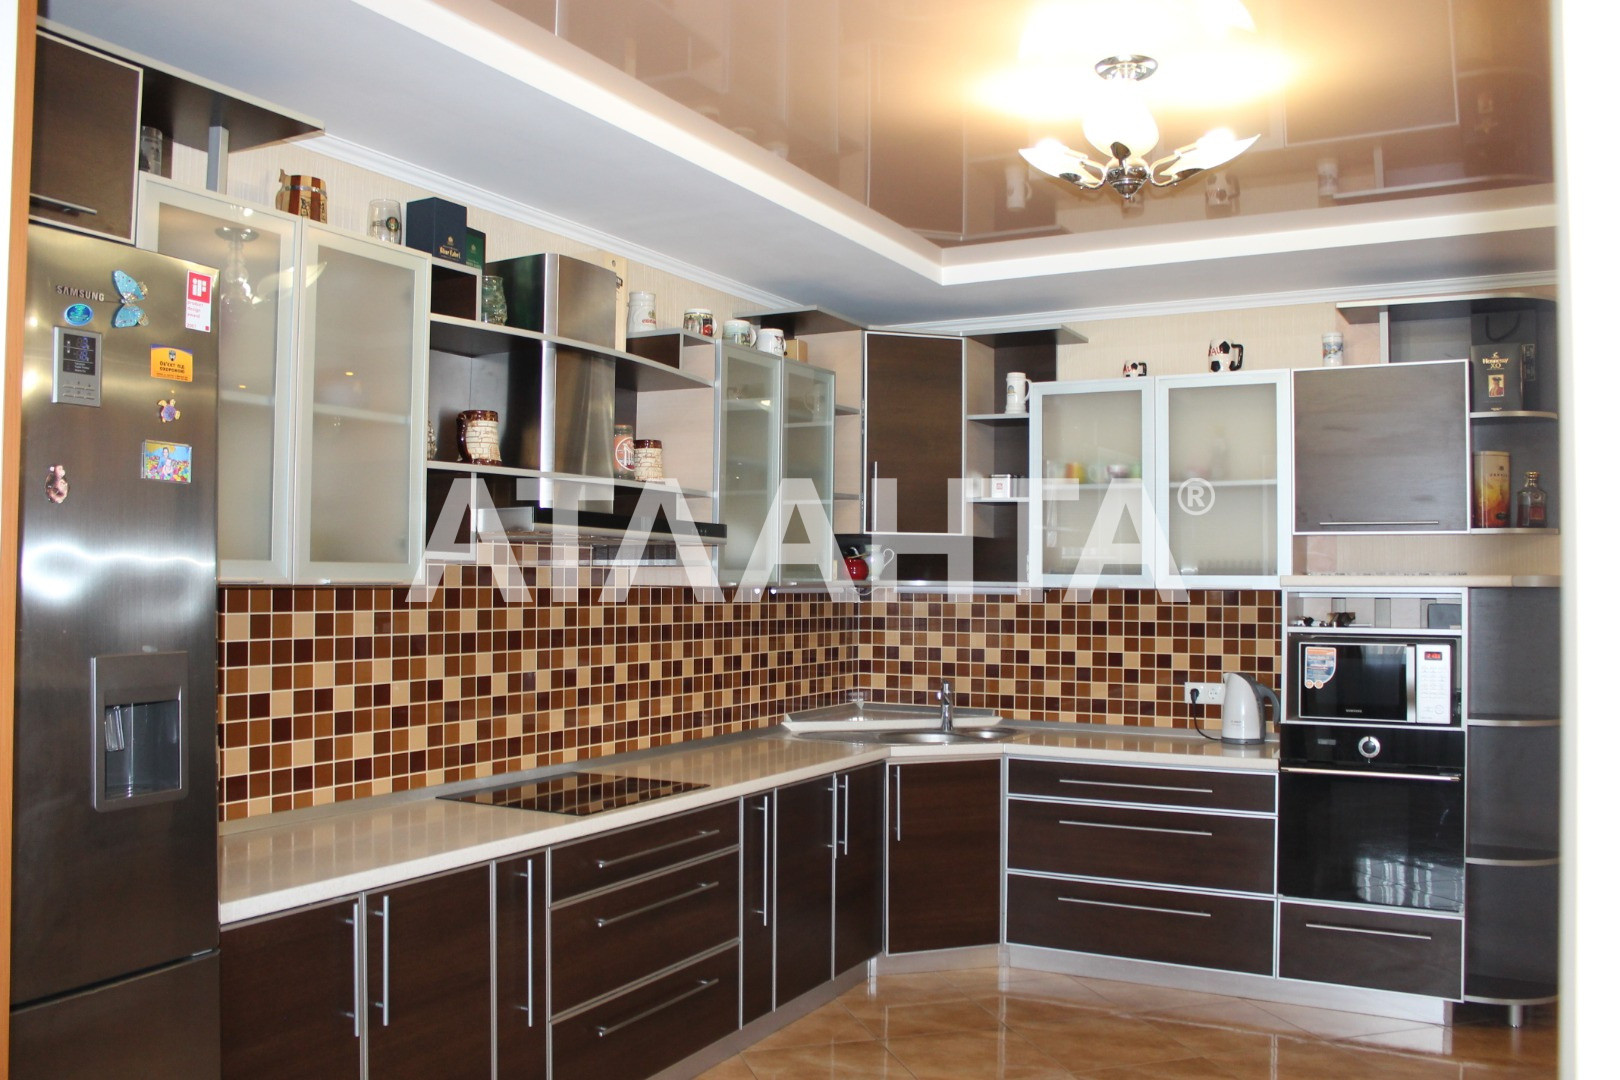 Продается 3-комнатная Квартира на ул. Мечникова — 145 000 у.е. (фото №5)